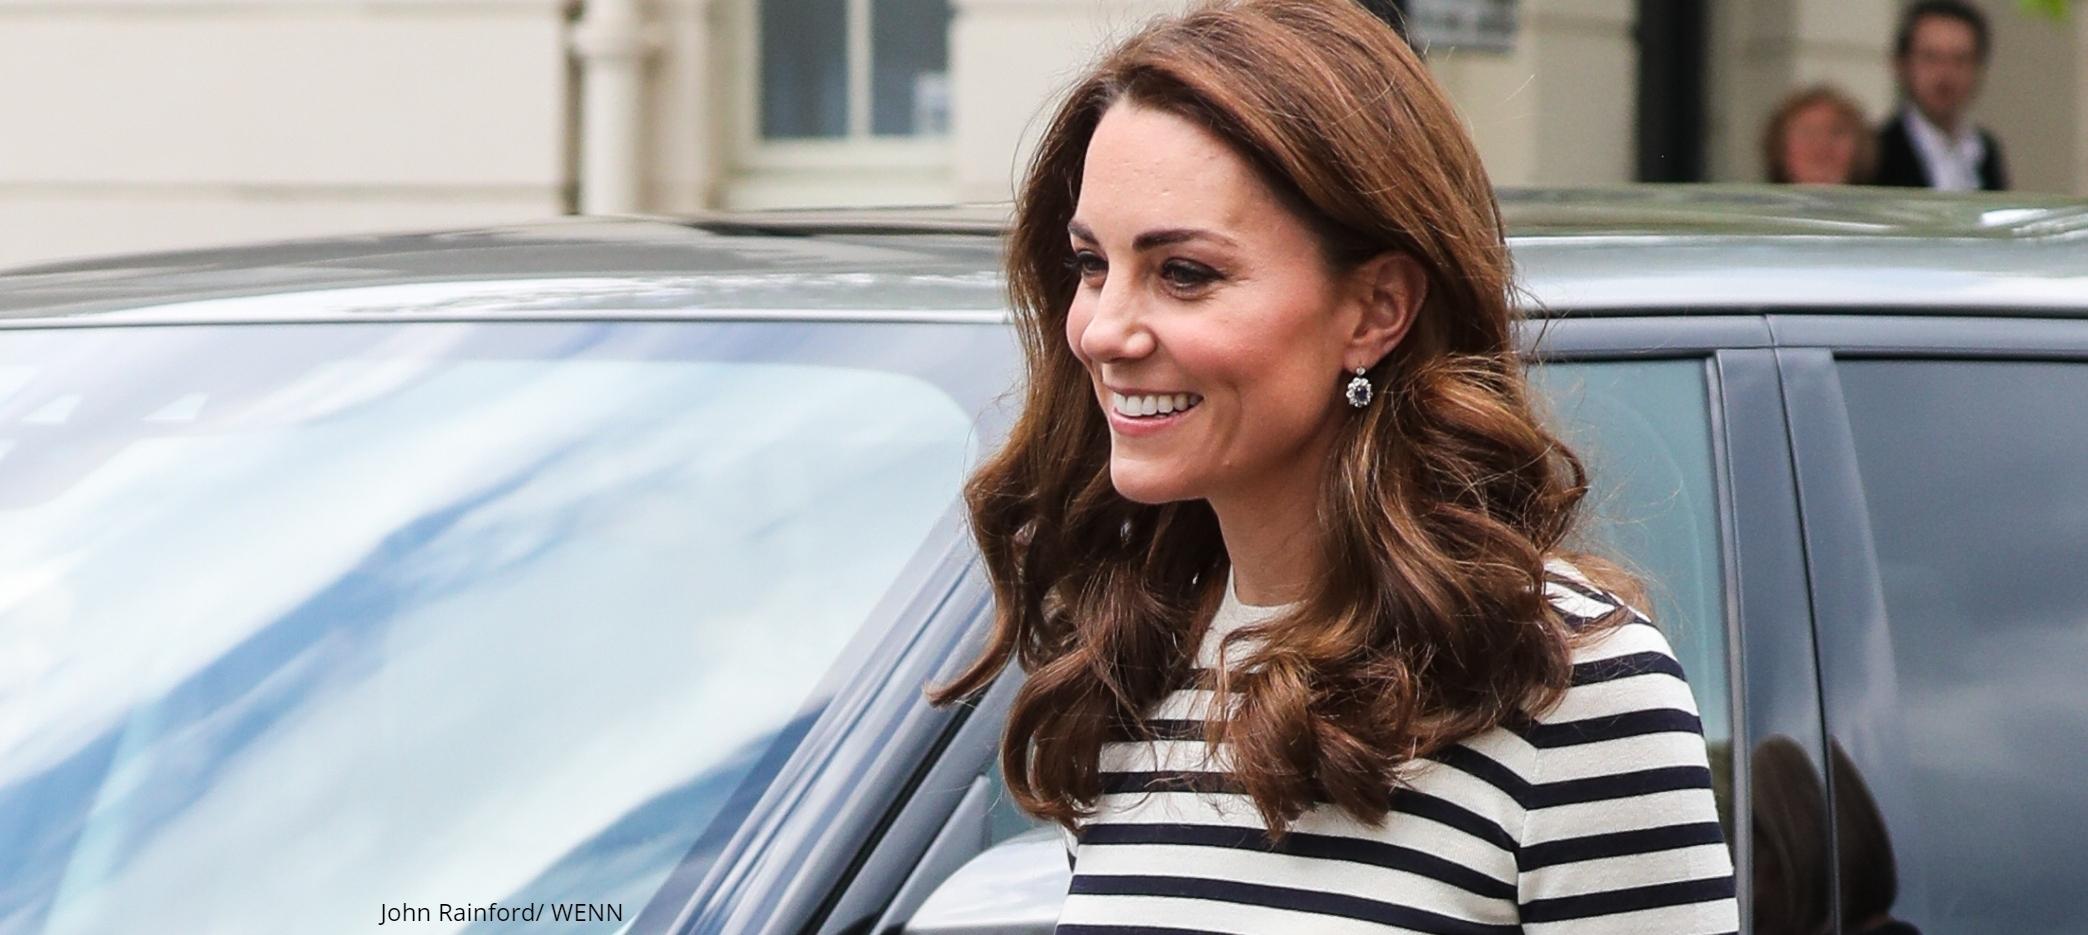 5 Fashiontricks, die wir uns bei Kate Middleton abschauen können